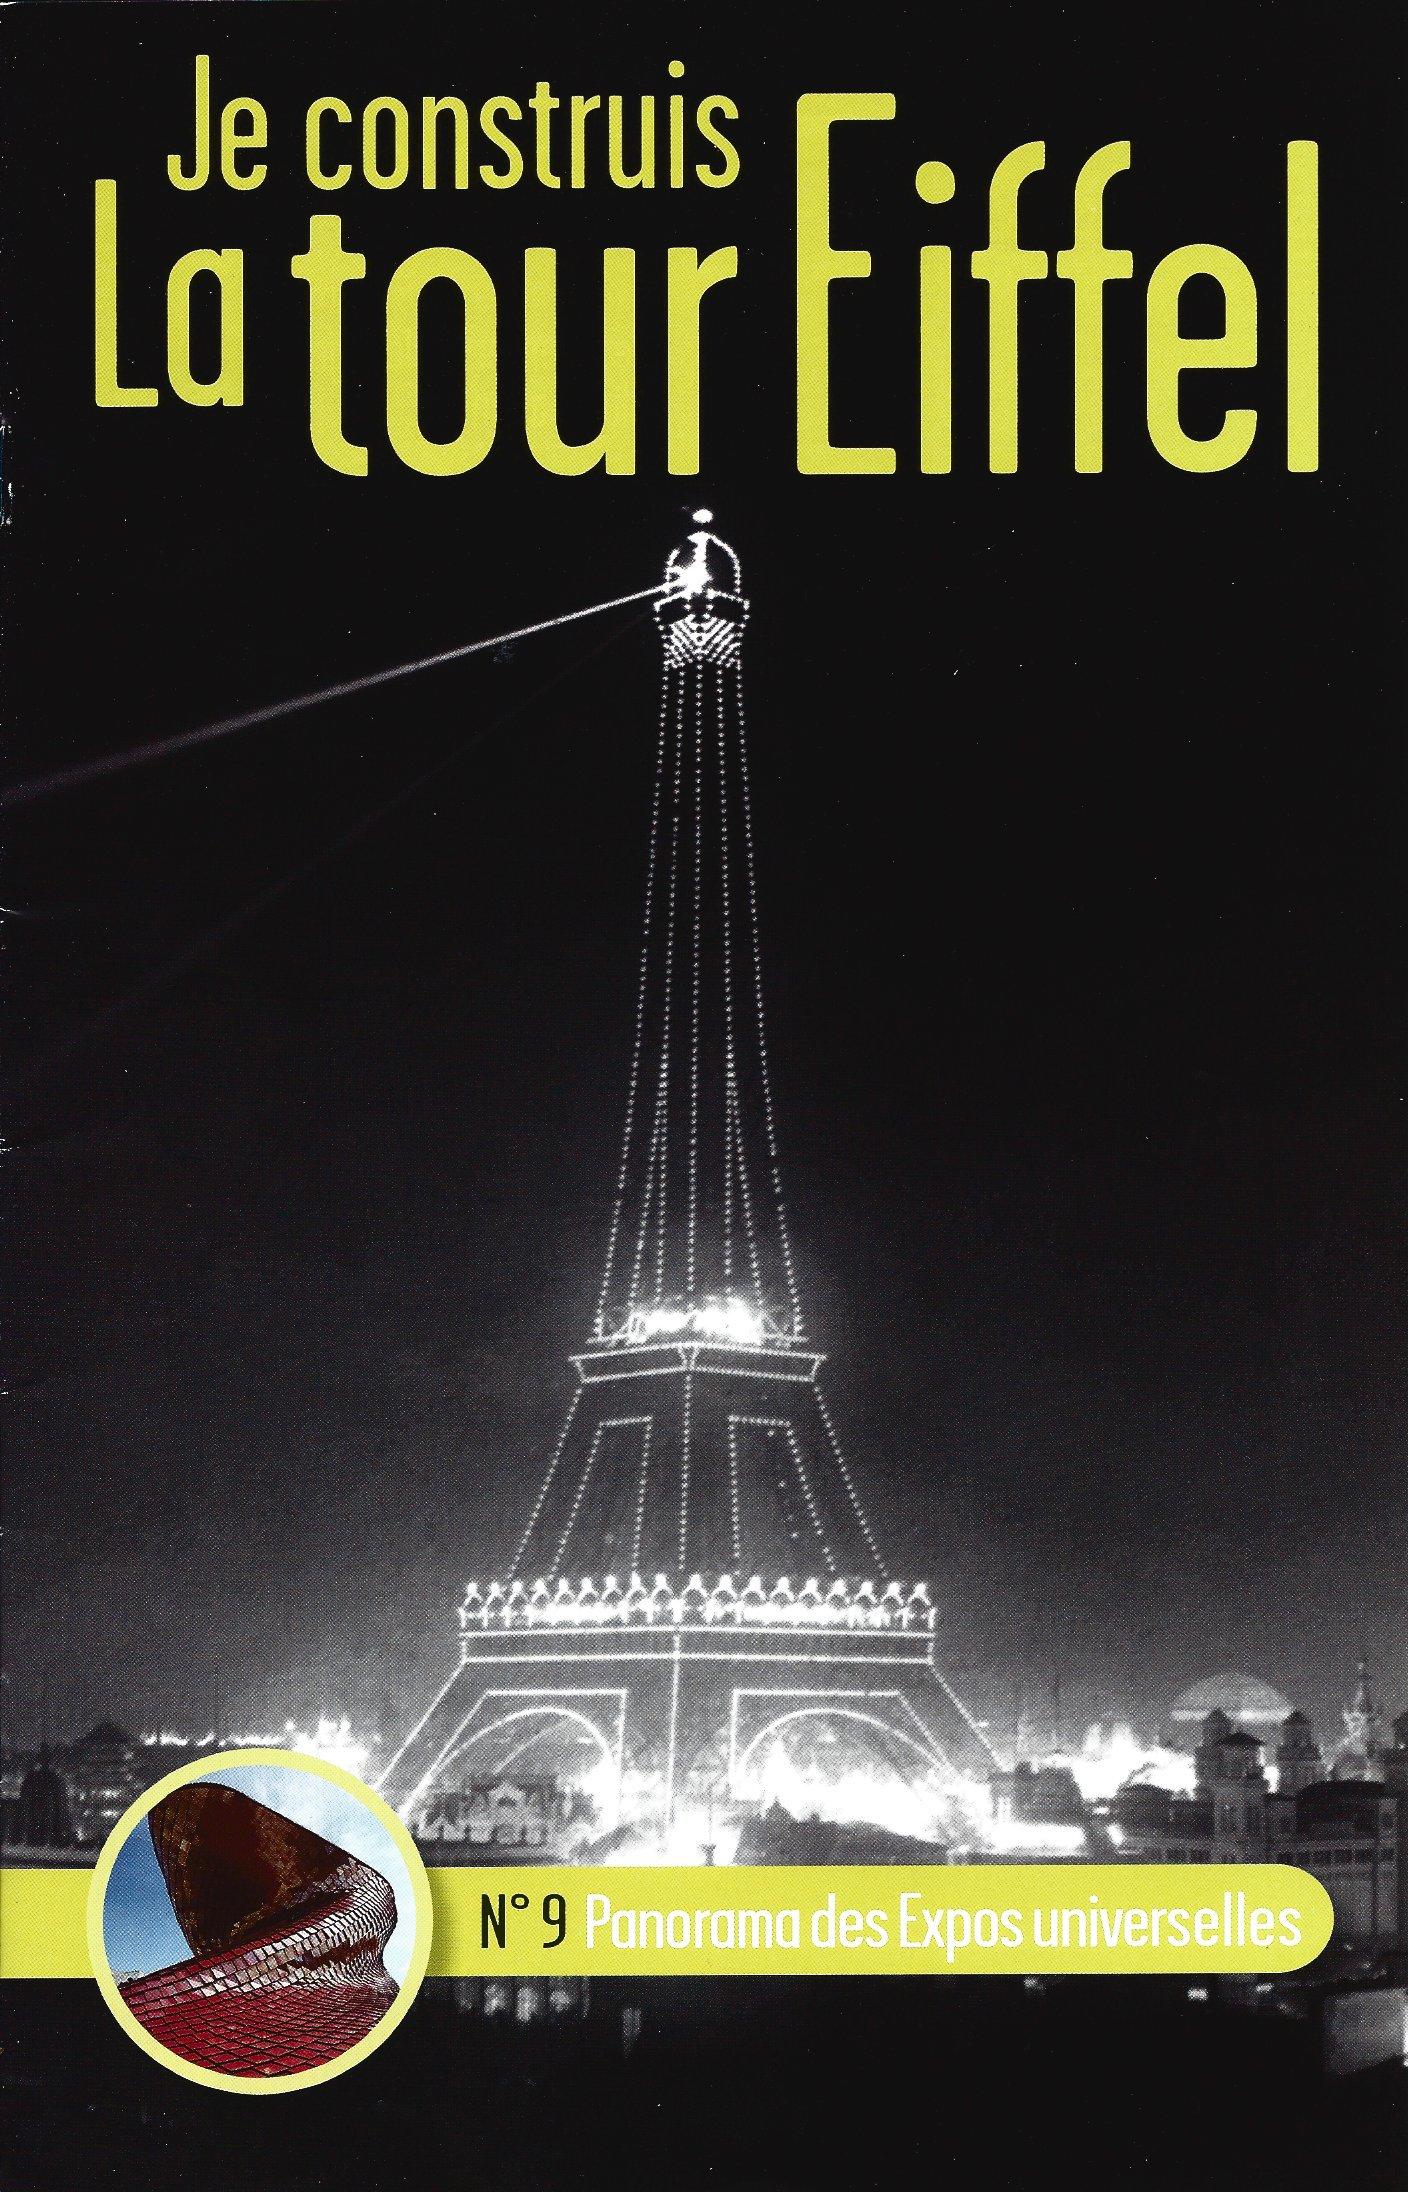 Numéro 9 - Je construis la Tour Eiffel - Panorama des Expos universelles 98223609a